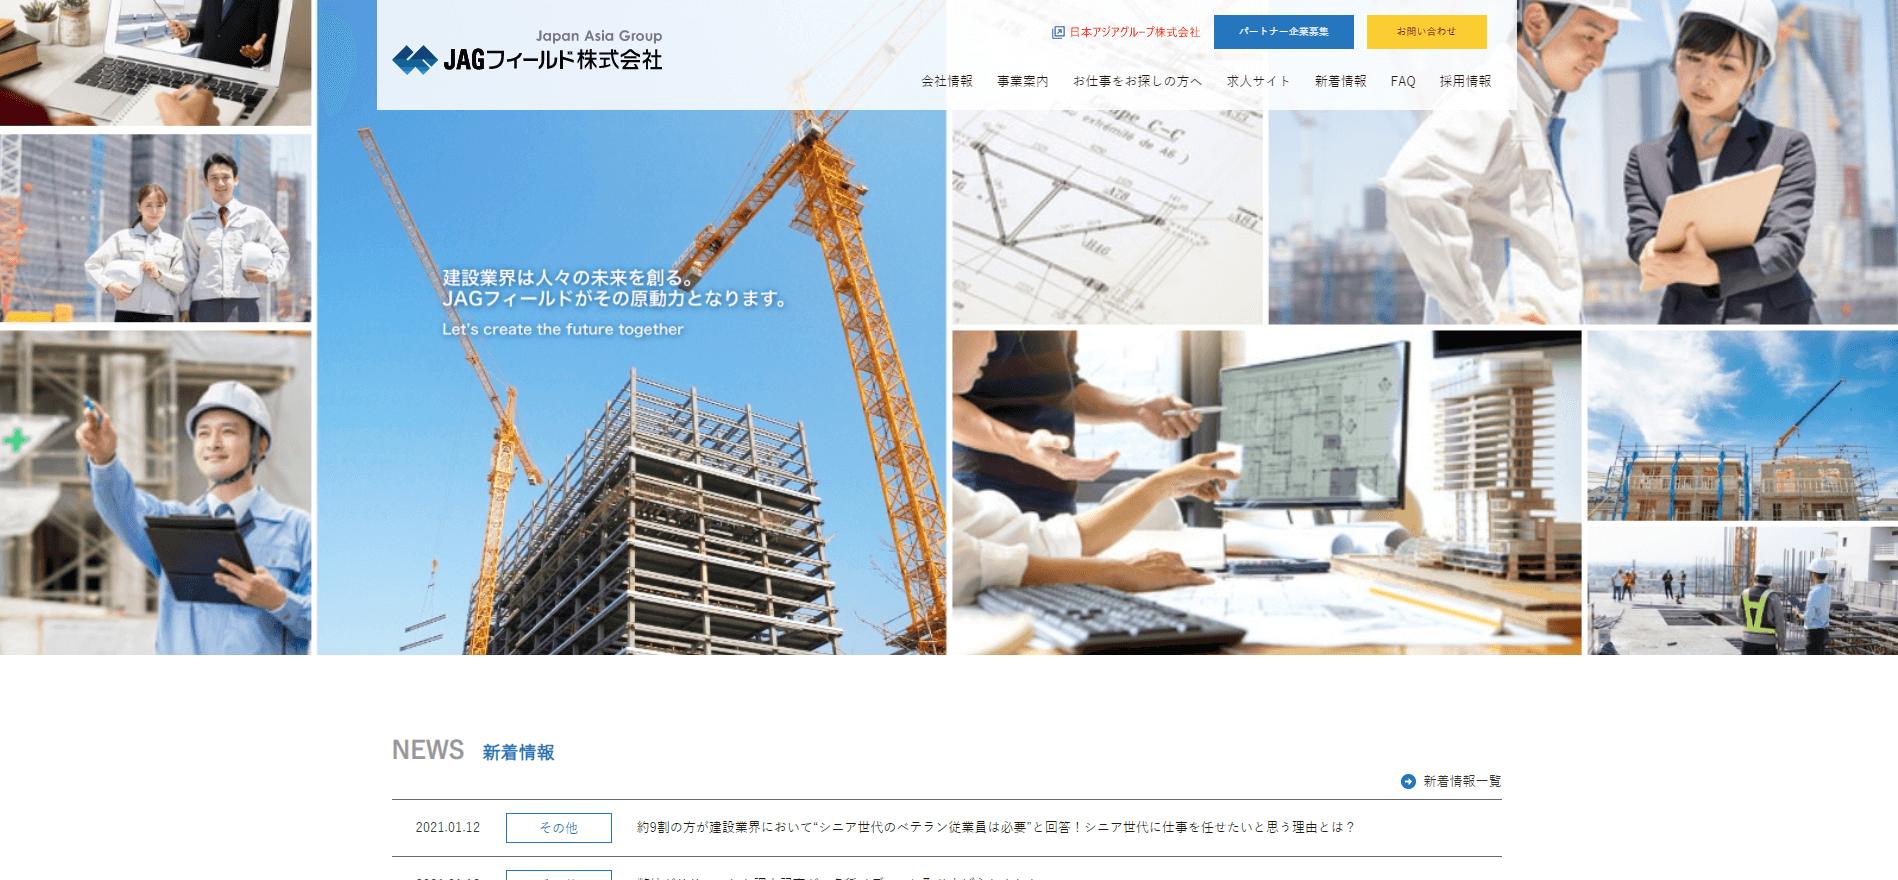 建築求人.jp(JAGフィールド株式会社)の画像